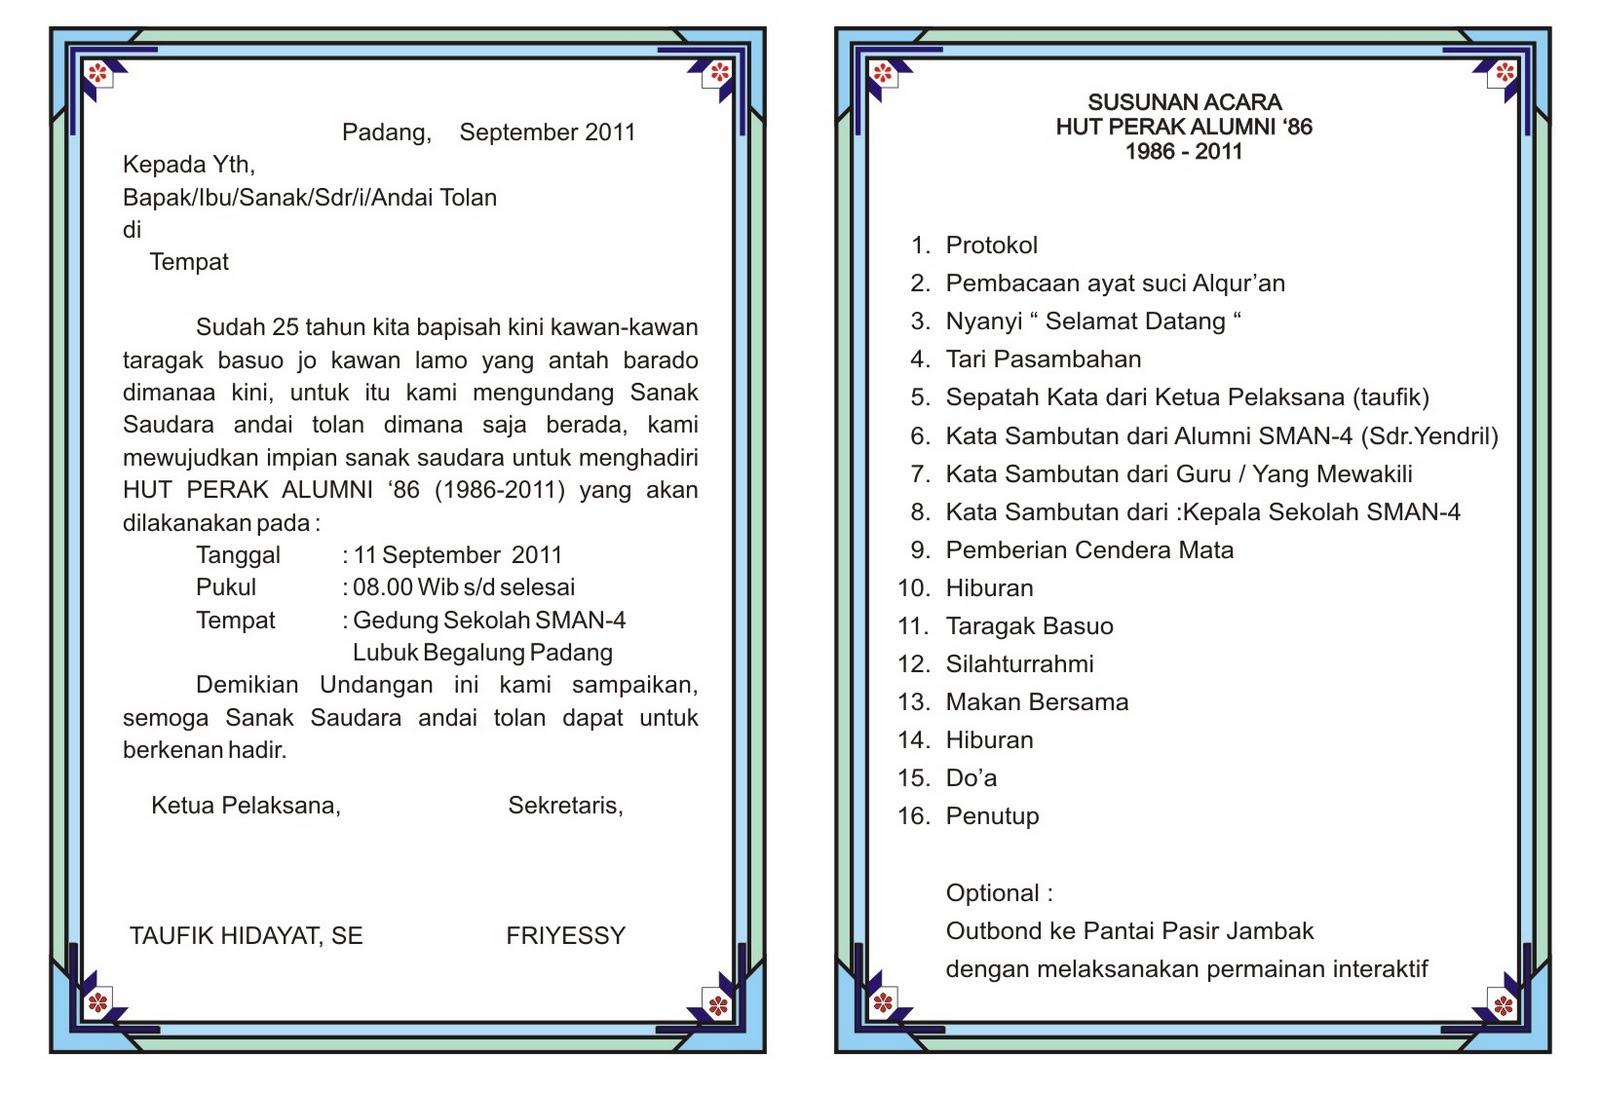 Proposal Alumni Perak SMA 4'86 Padang